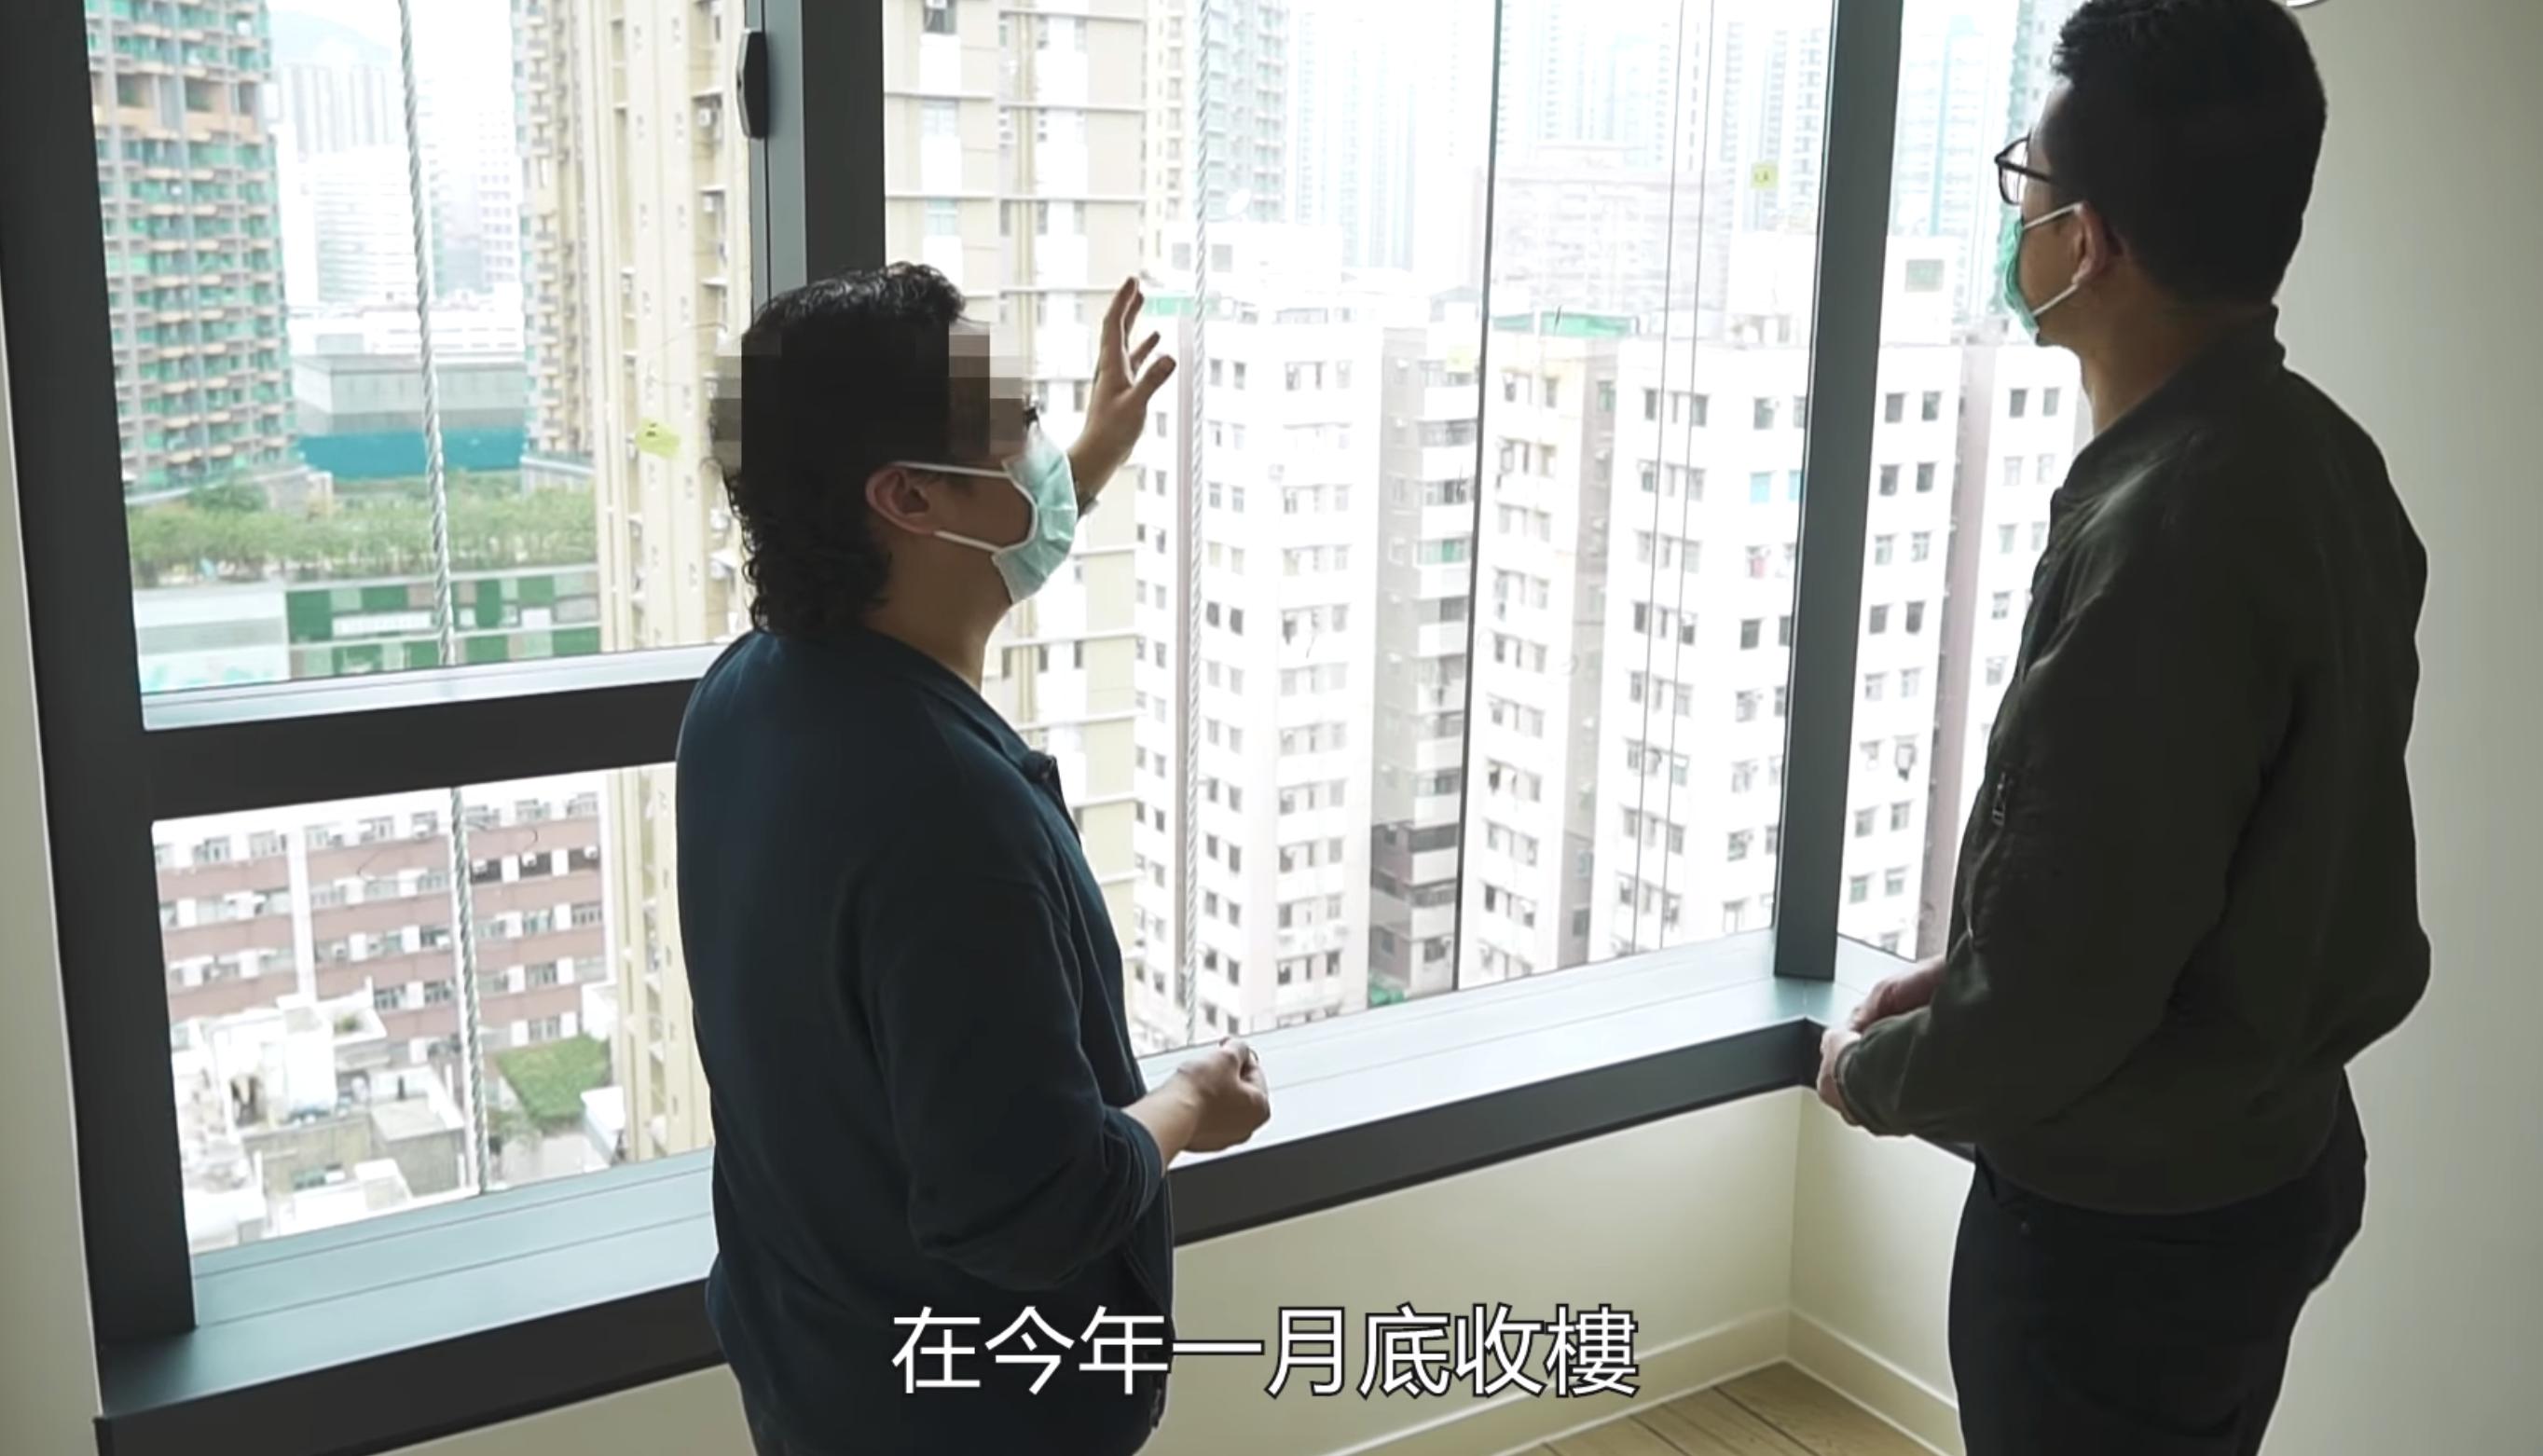 【胡國威專欄】《一手條例》怎樣規管新盤執修?